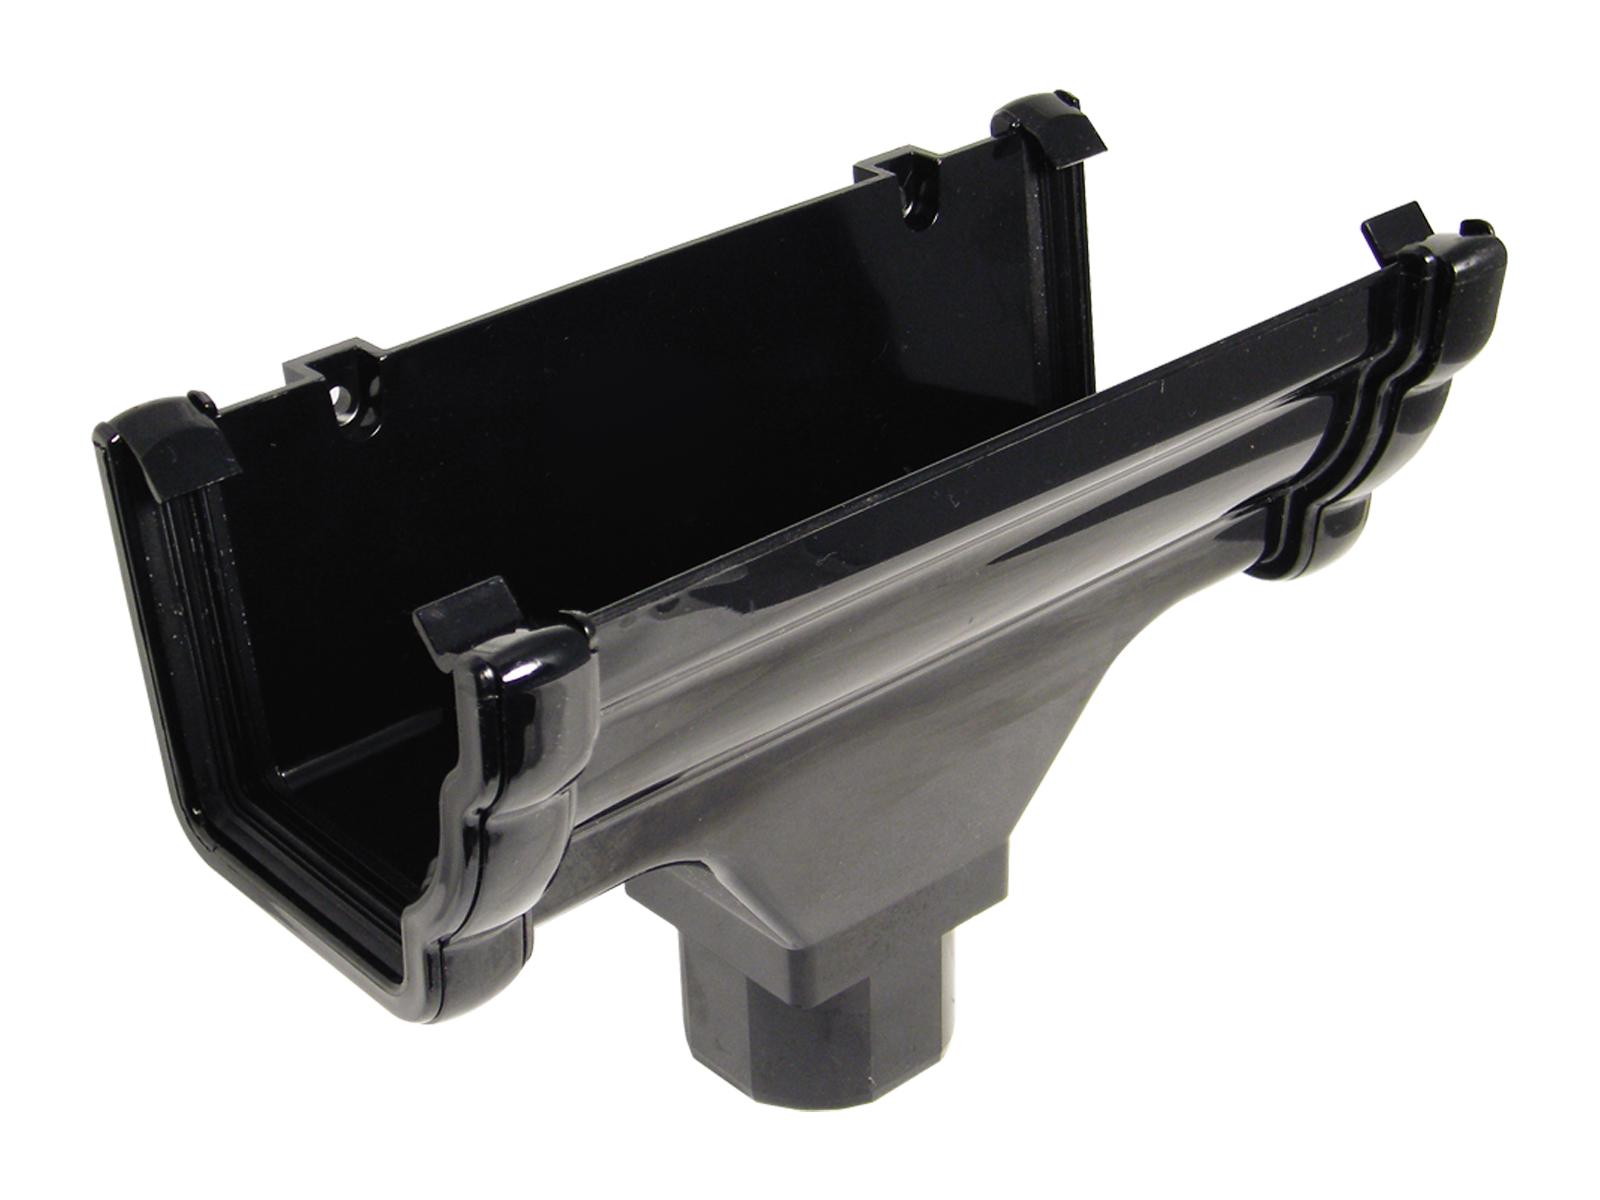 Floplast RON1BL 110mm Niagara Ogee Gutter - Running Outlet - Black